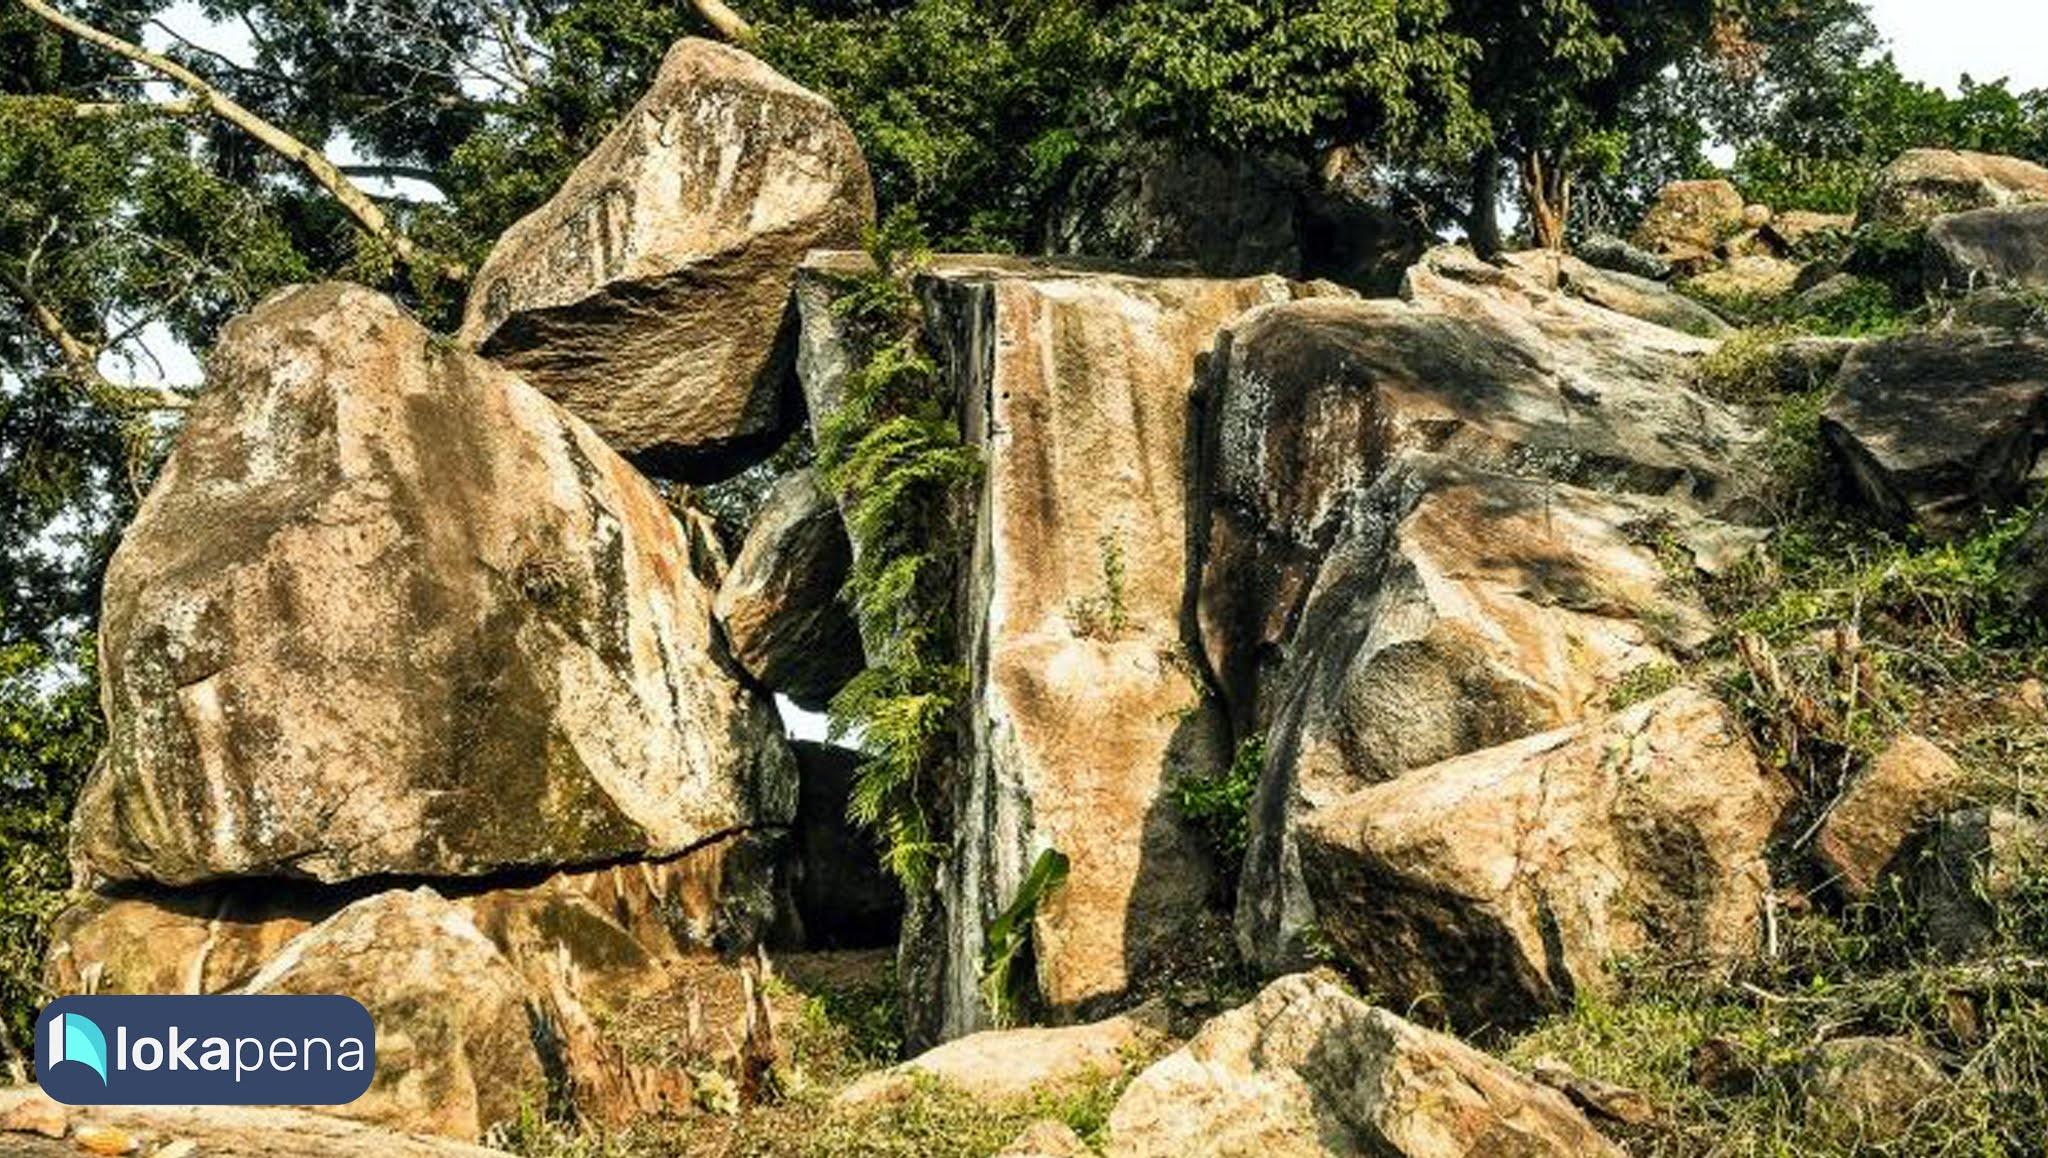 PEMKAB Bojonegoro memutuskan untuk menutup sementara seluruh destinasi wisata di Bojonegoro.